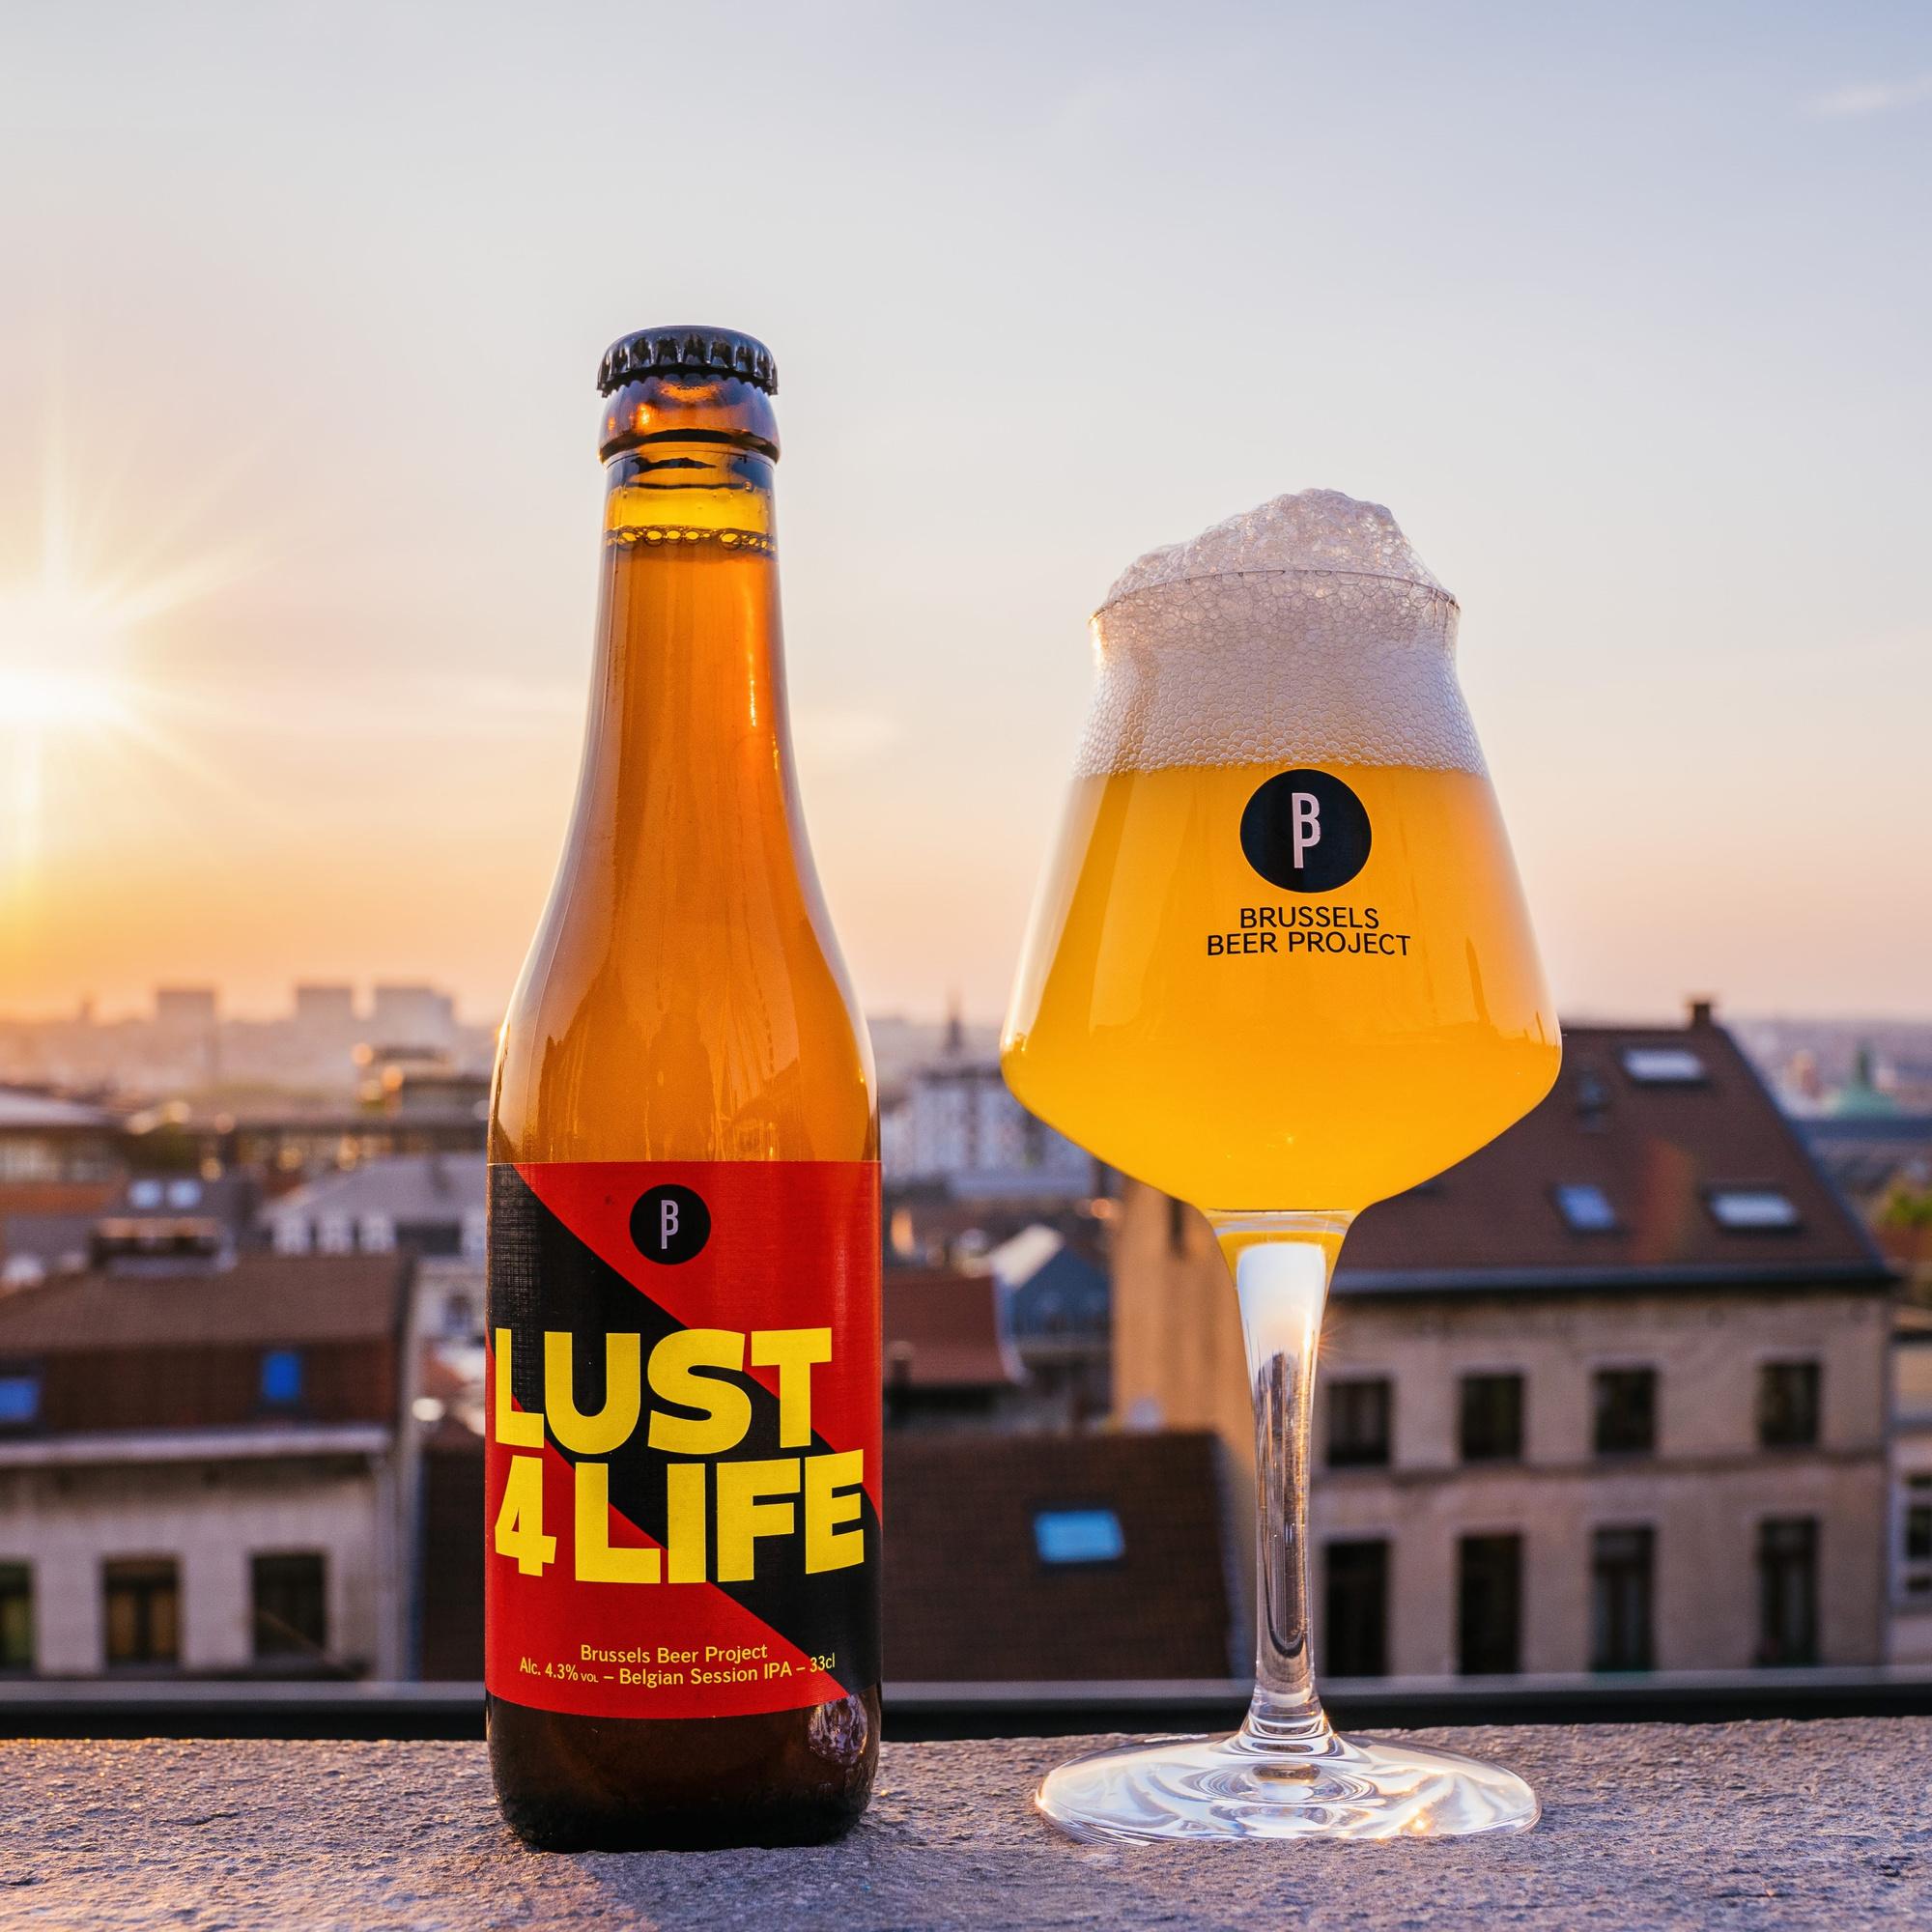 La Lust 4 Life, bière du déconfinement de BBP, BBP